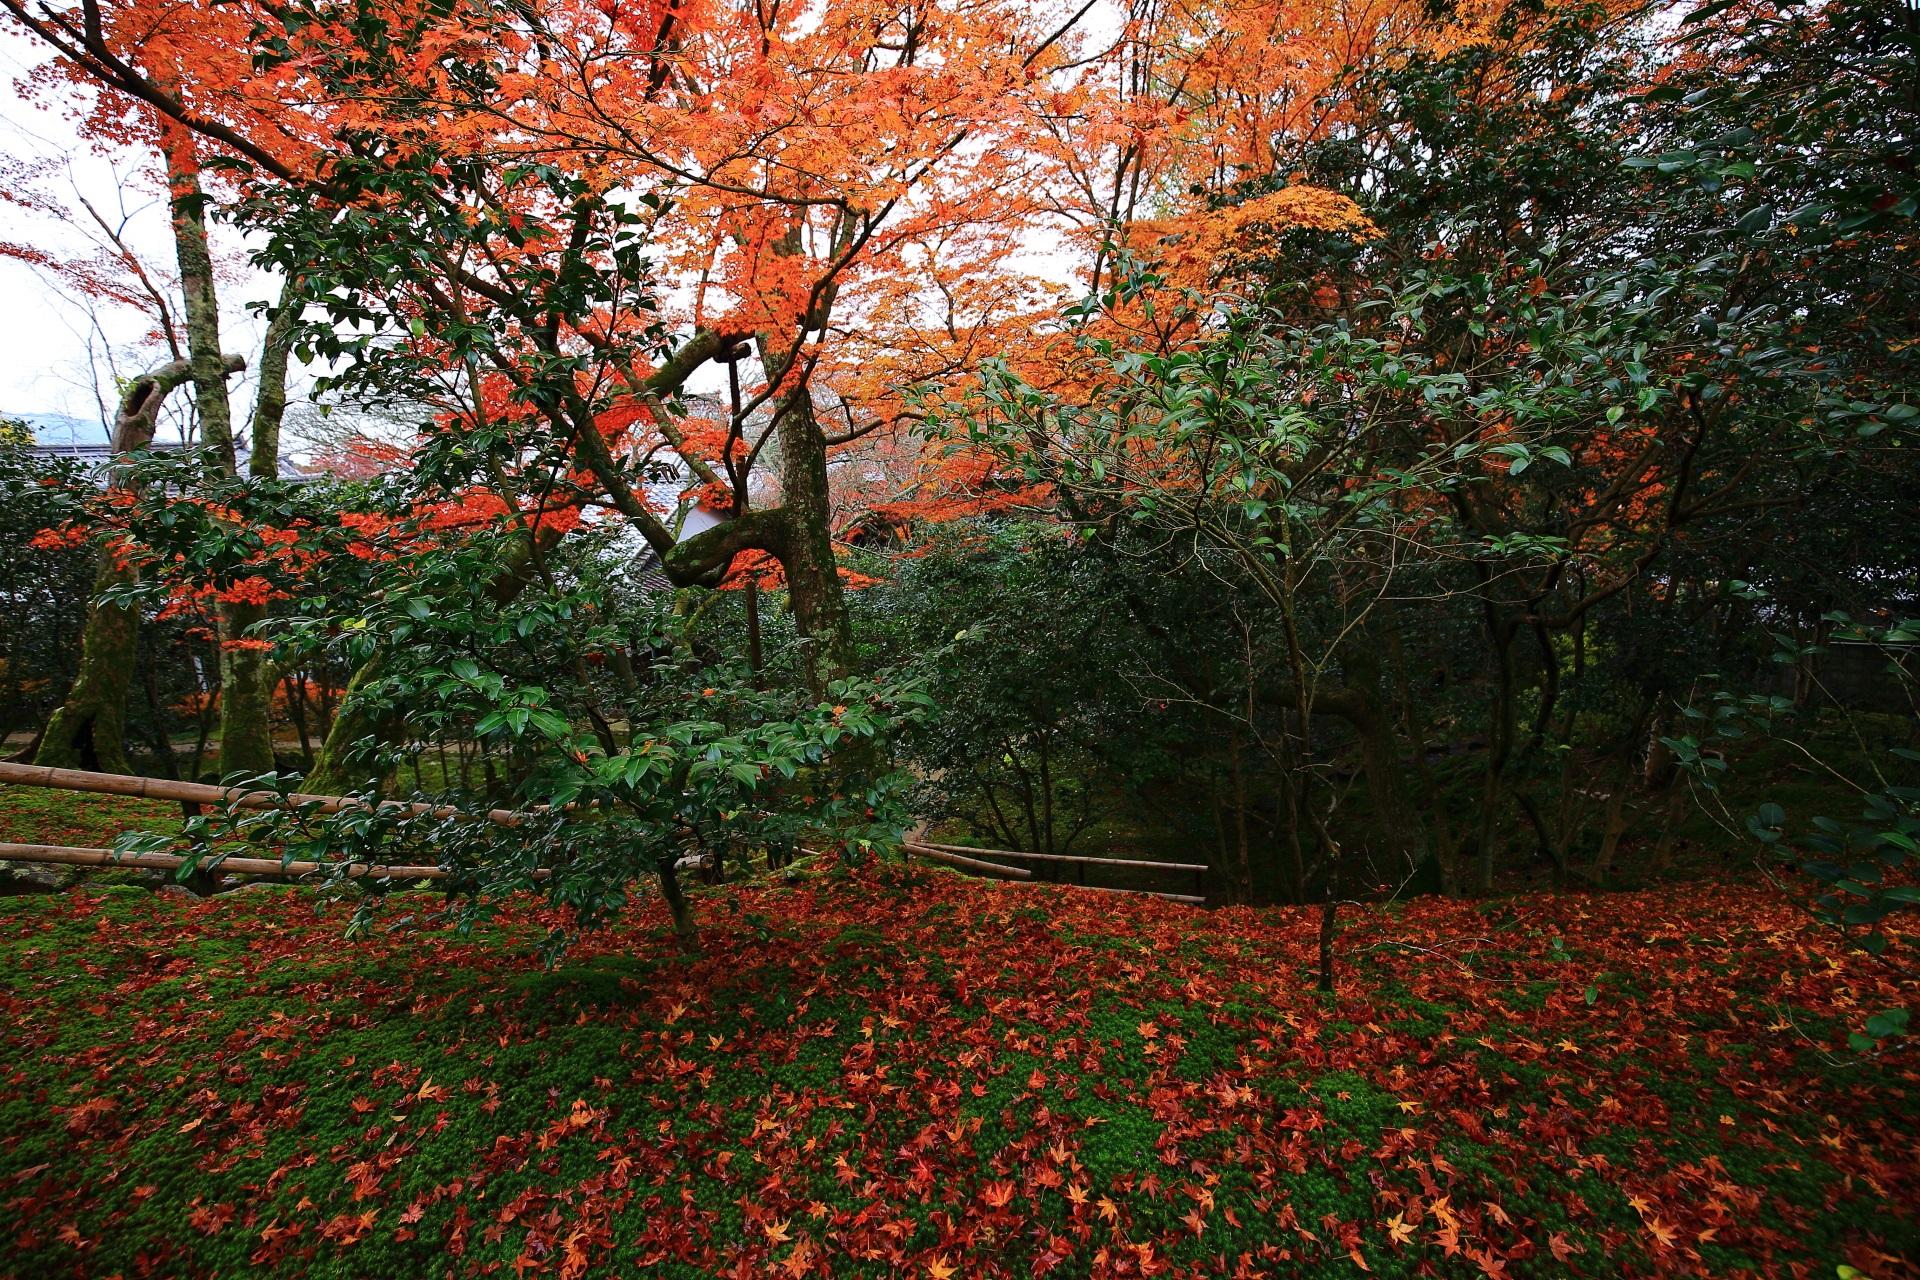 柔らかい苔を鮮やかに染める散り紅葉